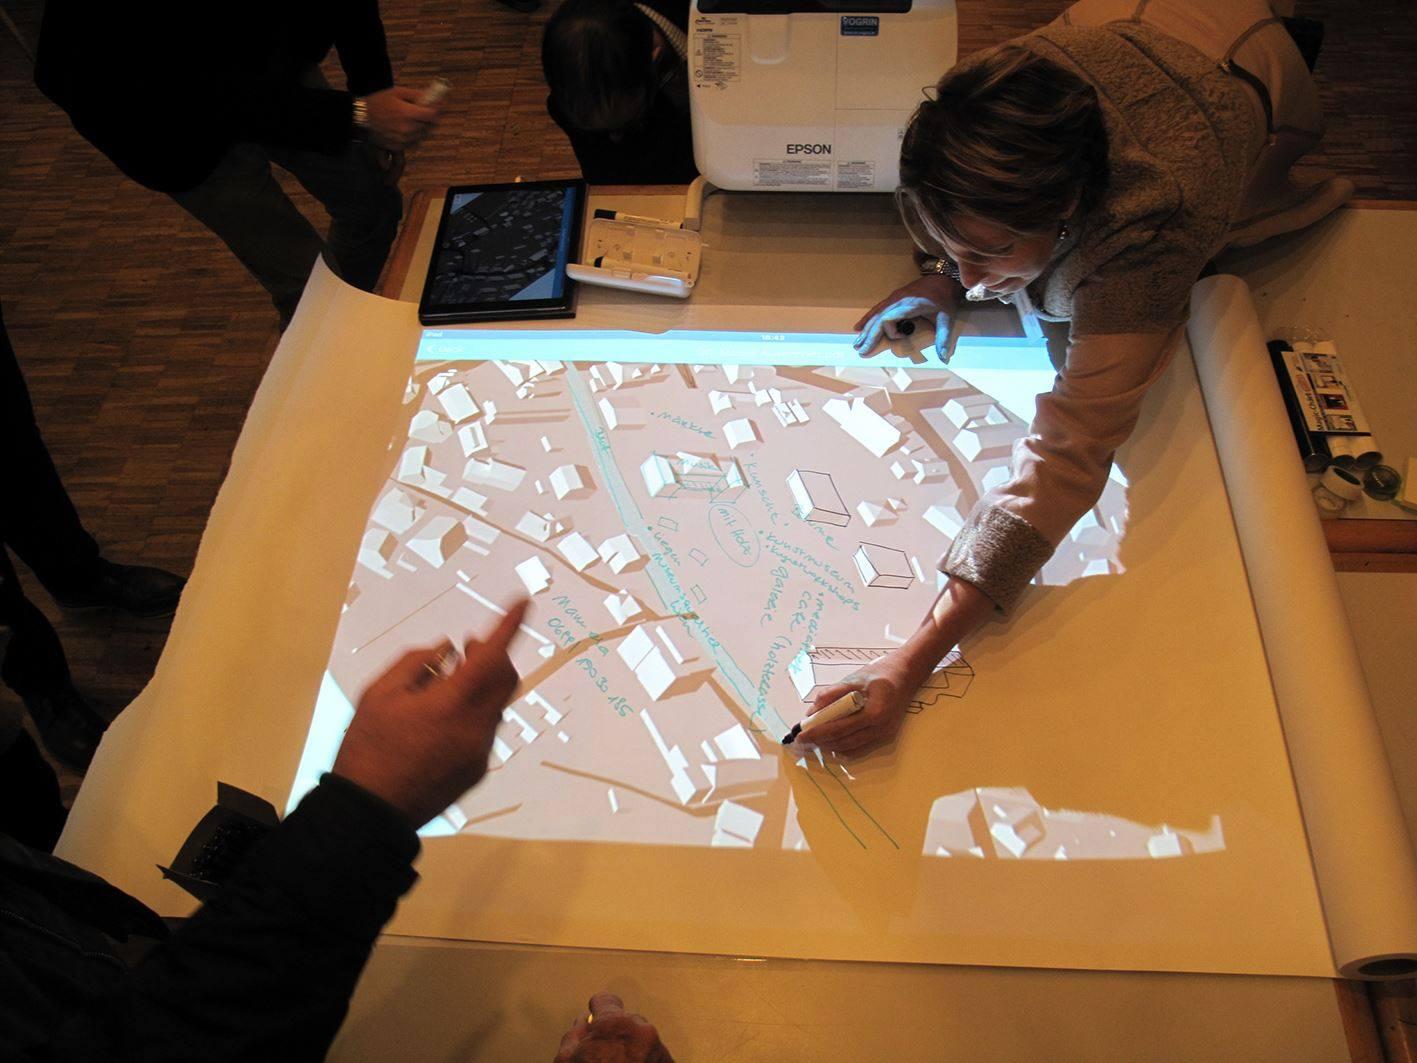 Bürgerbeteiligungsworkshop zur Zentrumsentwicklung (C:MG Hard)